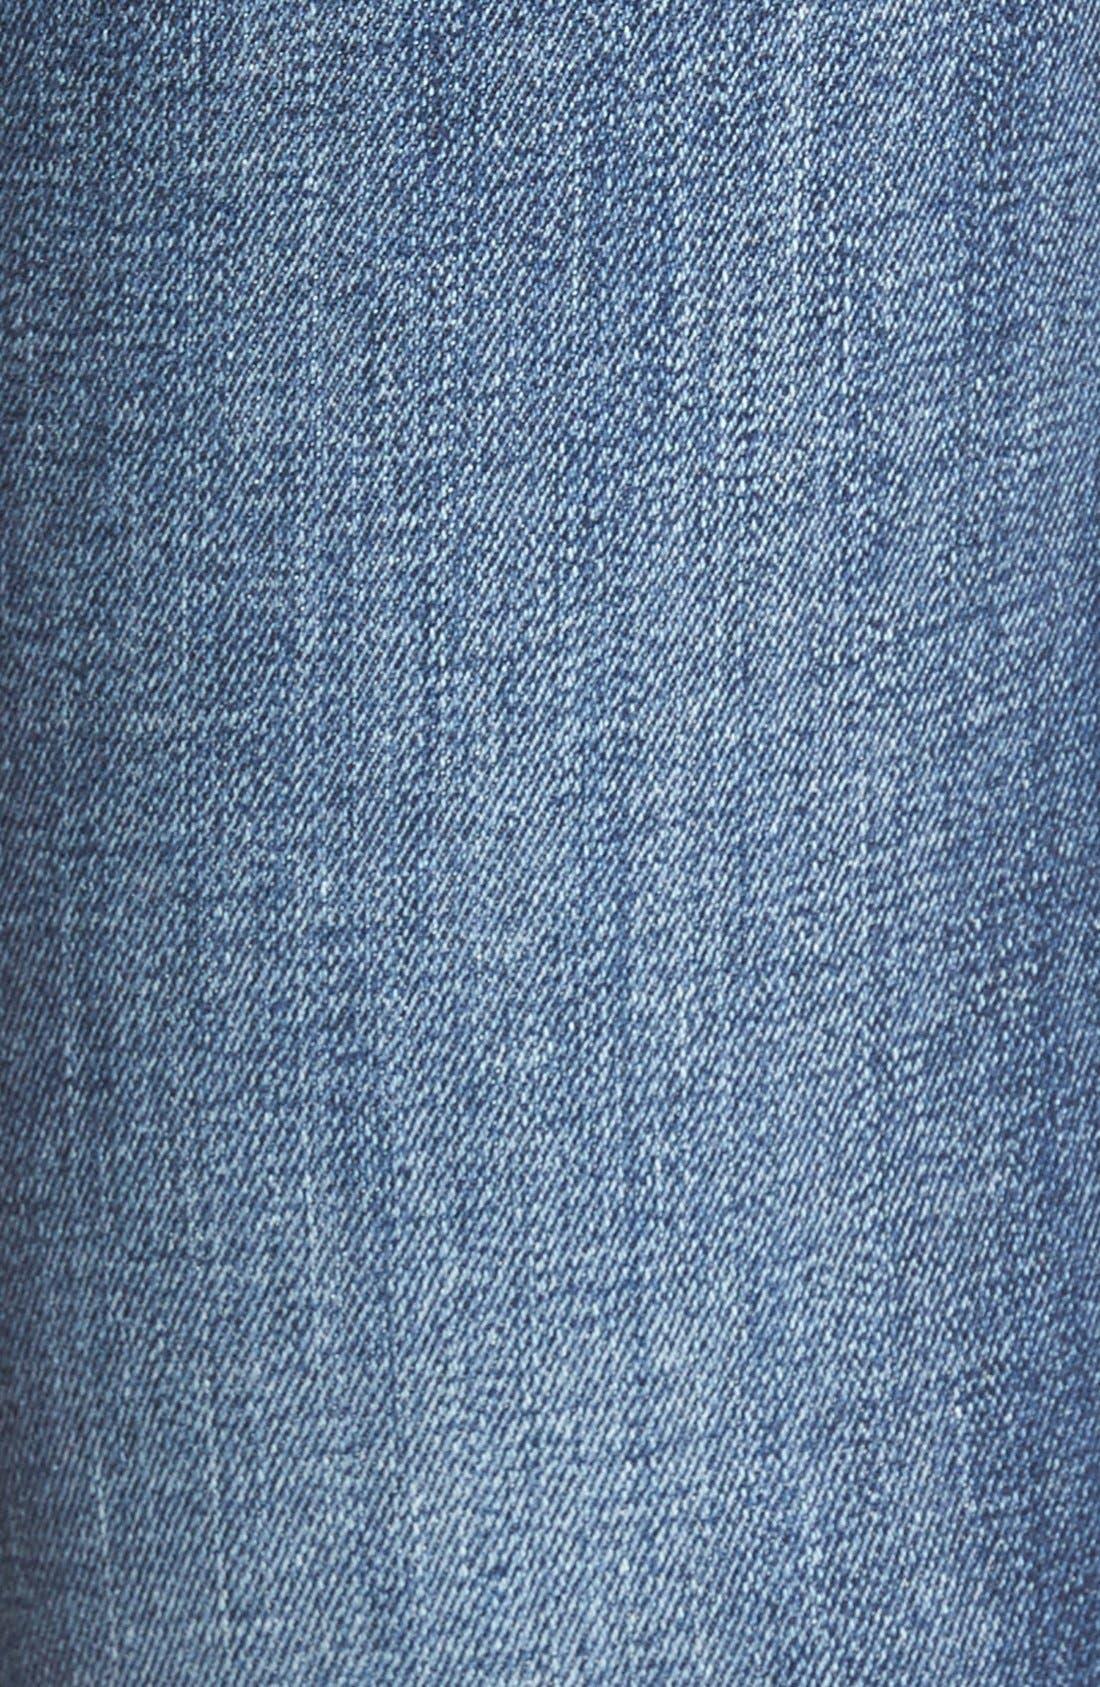 Alternate Image 5  - Vigoss 'Chelsea' Frayed Hem Skinny Jeans